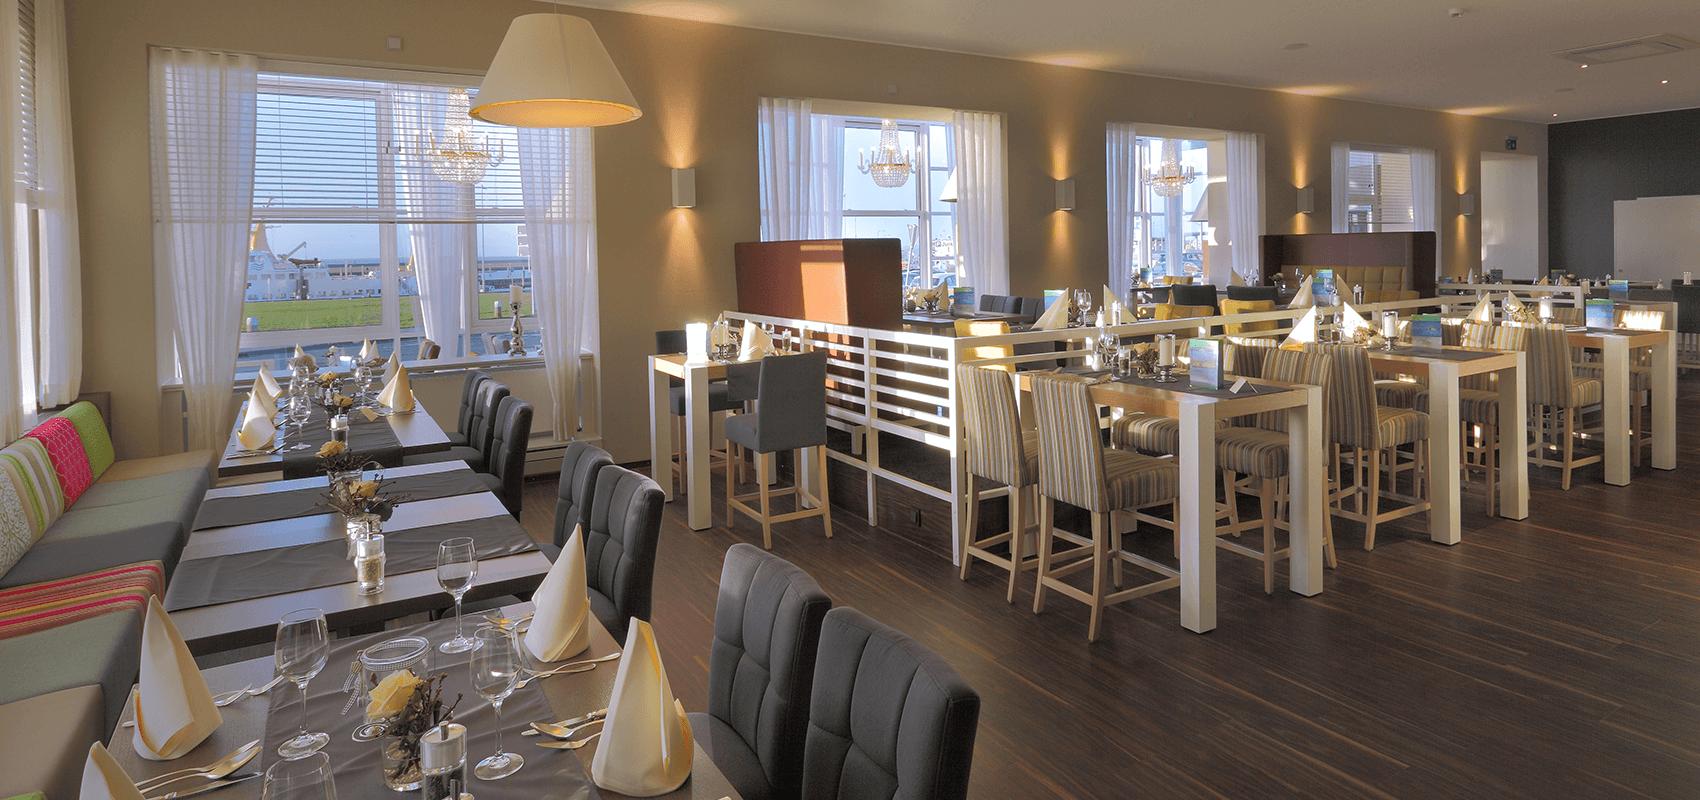 Blick in das Restaurant mit den bereits eingedeckten Tischen